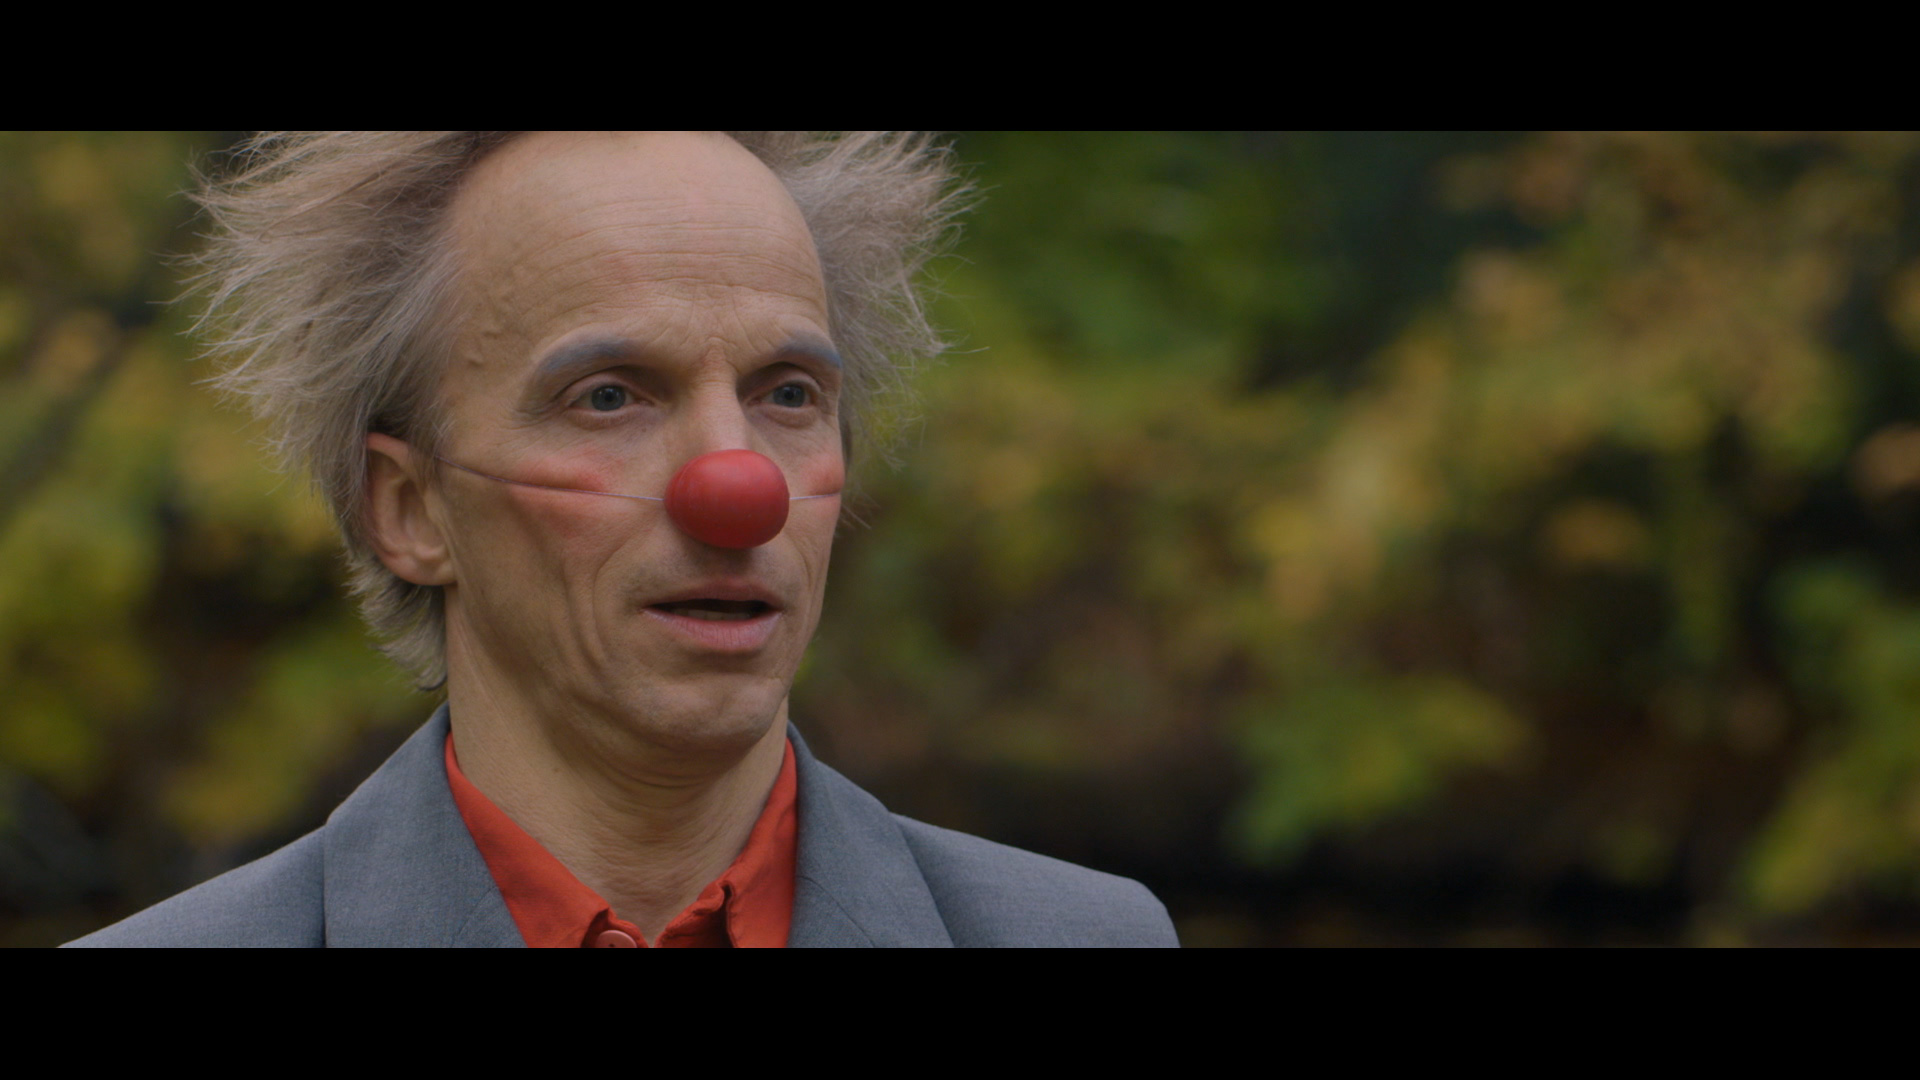 clown-screen-06-hd.jpg